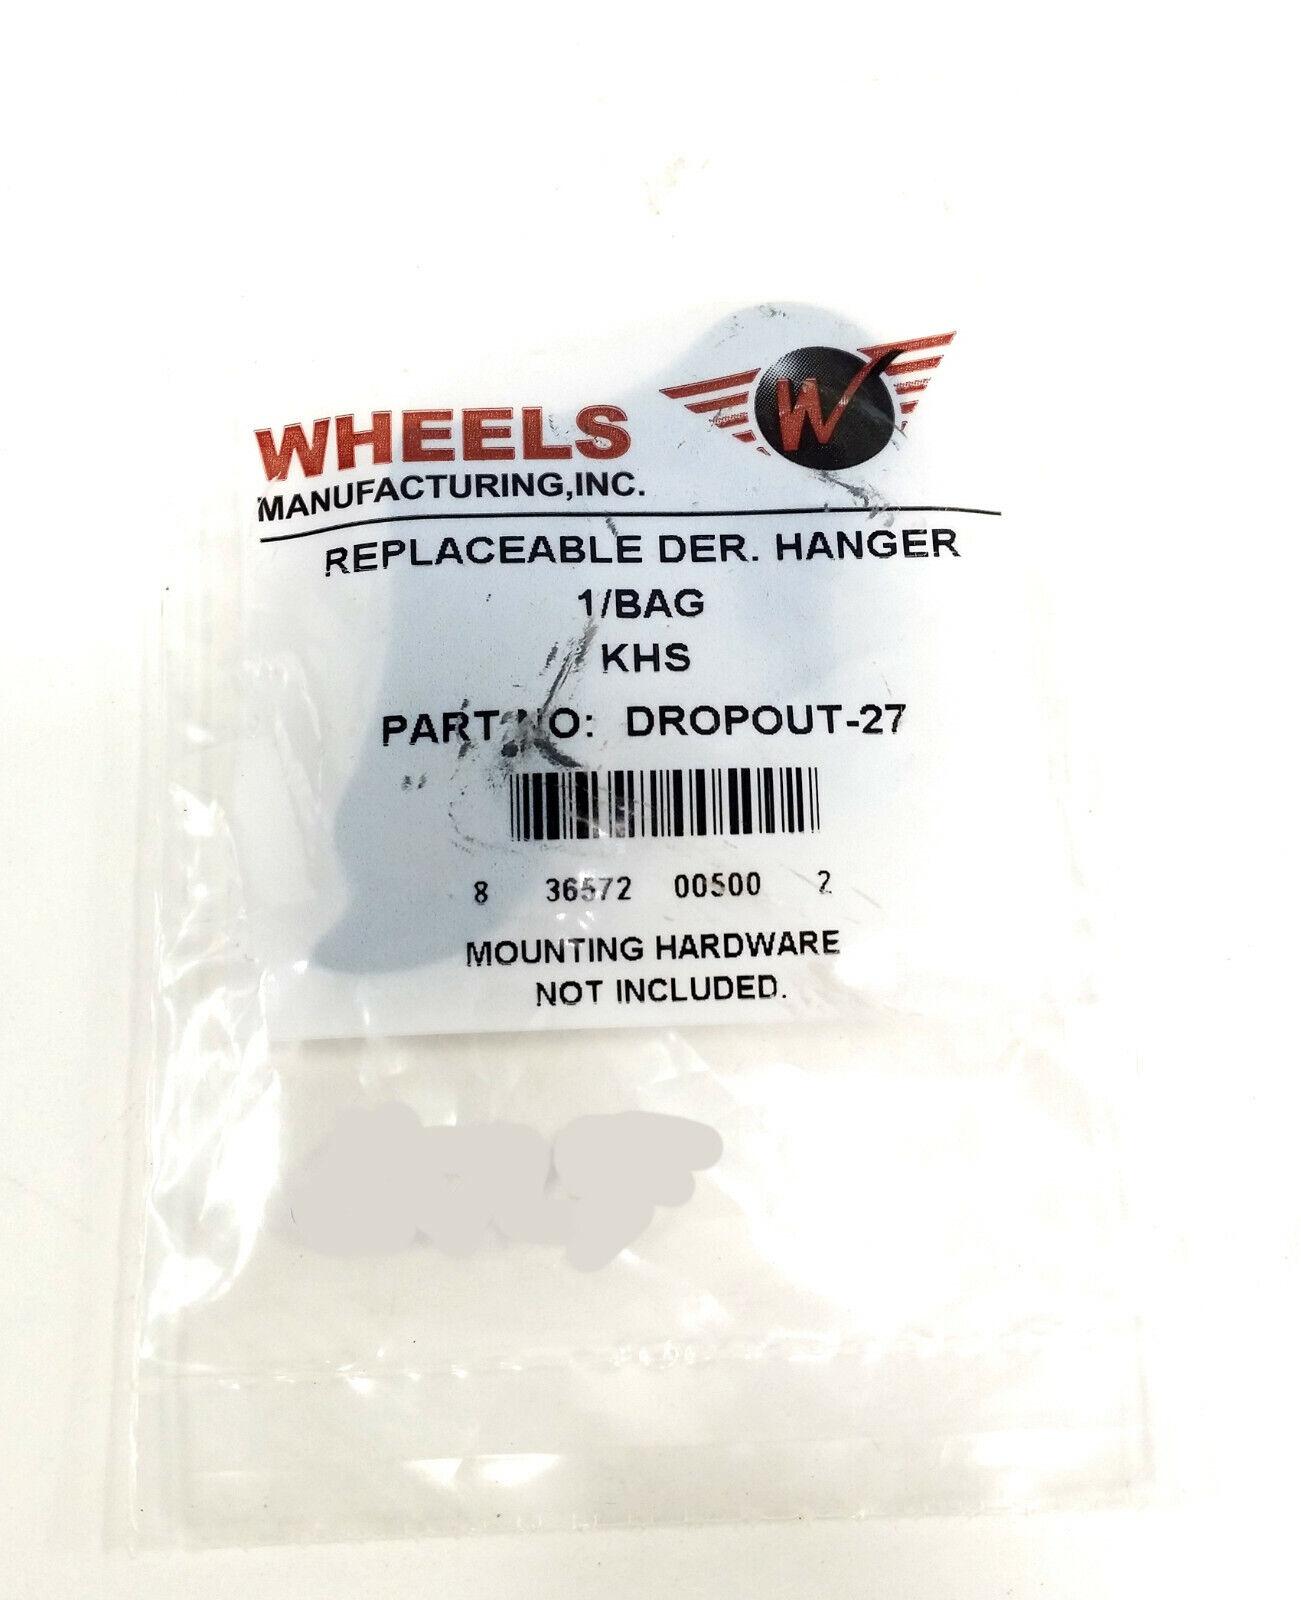 Wheels Manufacturing Derailleur Hanger 27 Der Part Wob Rd Hanger #27